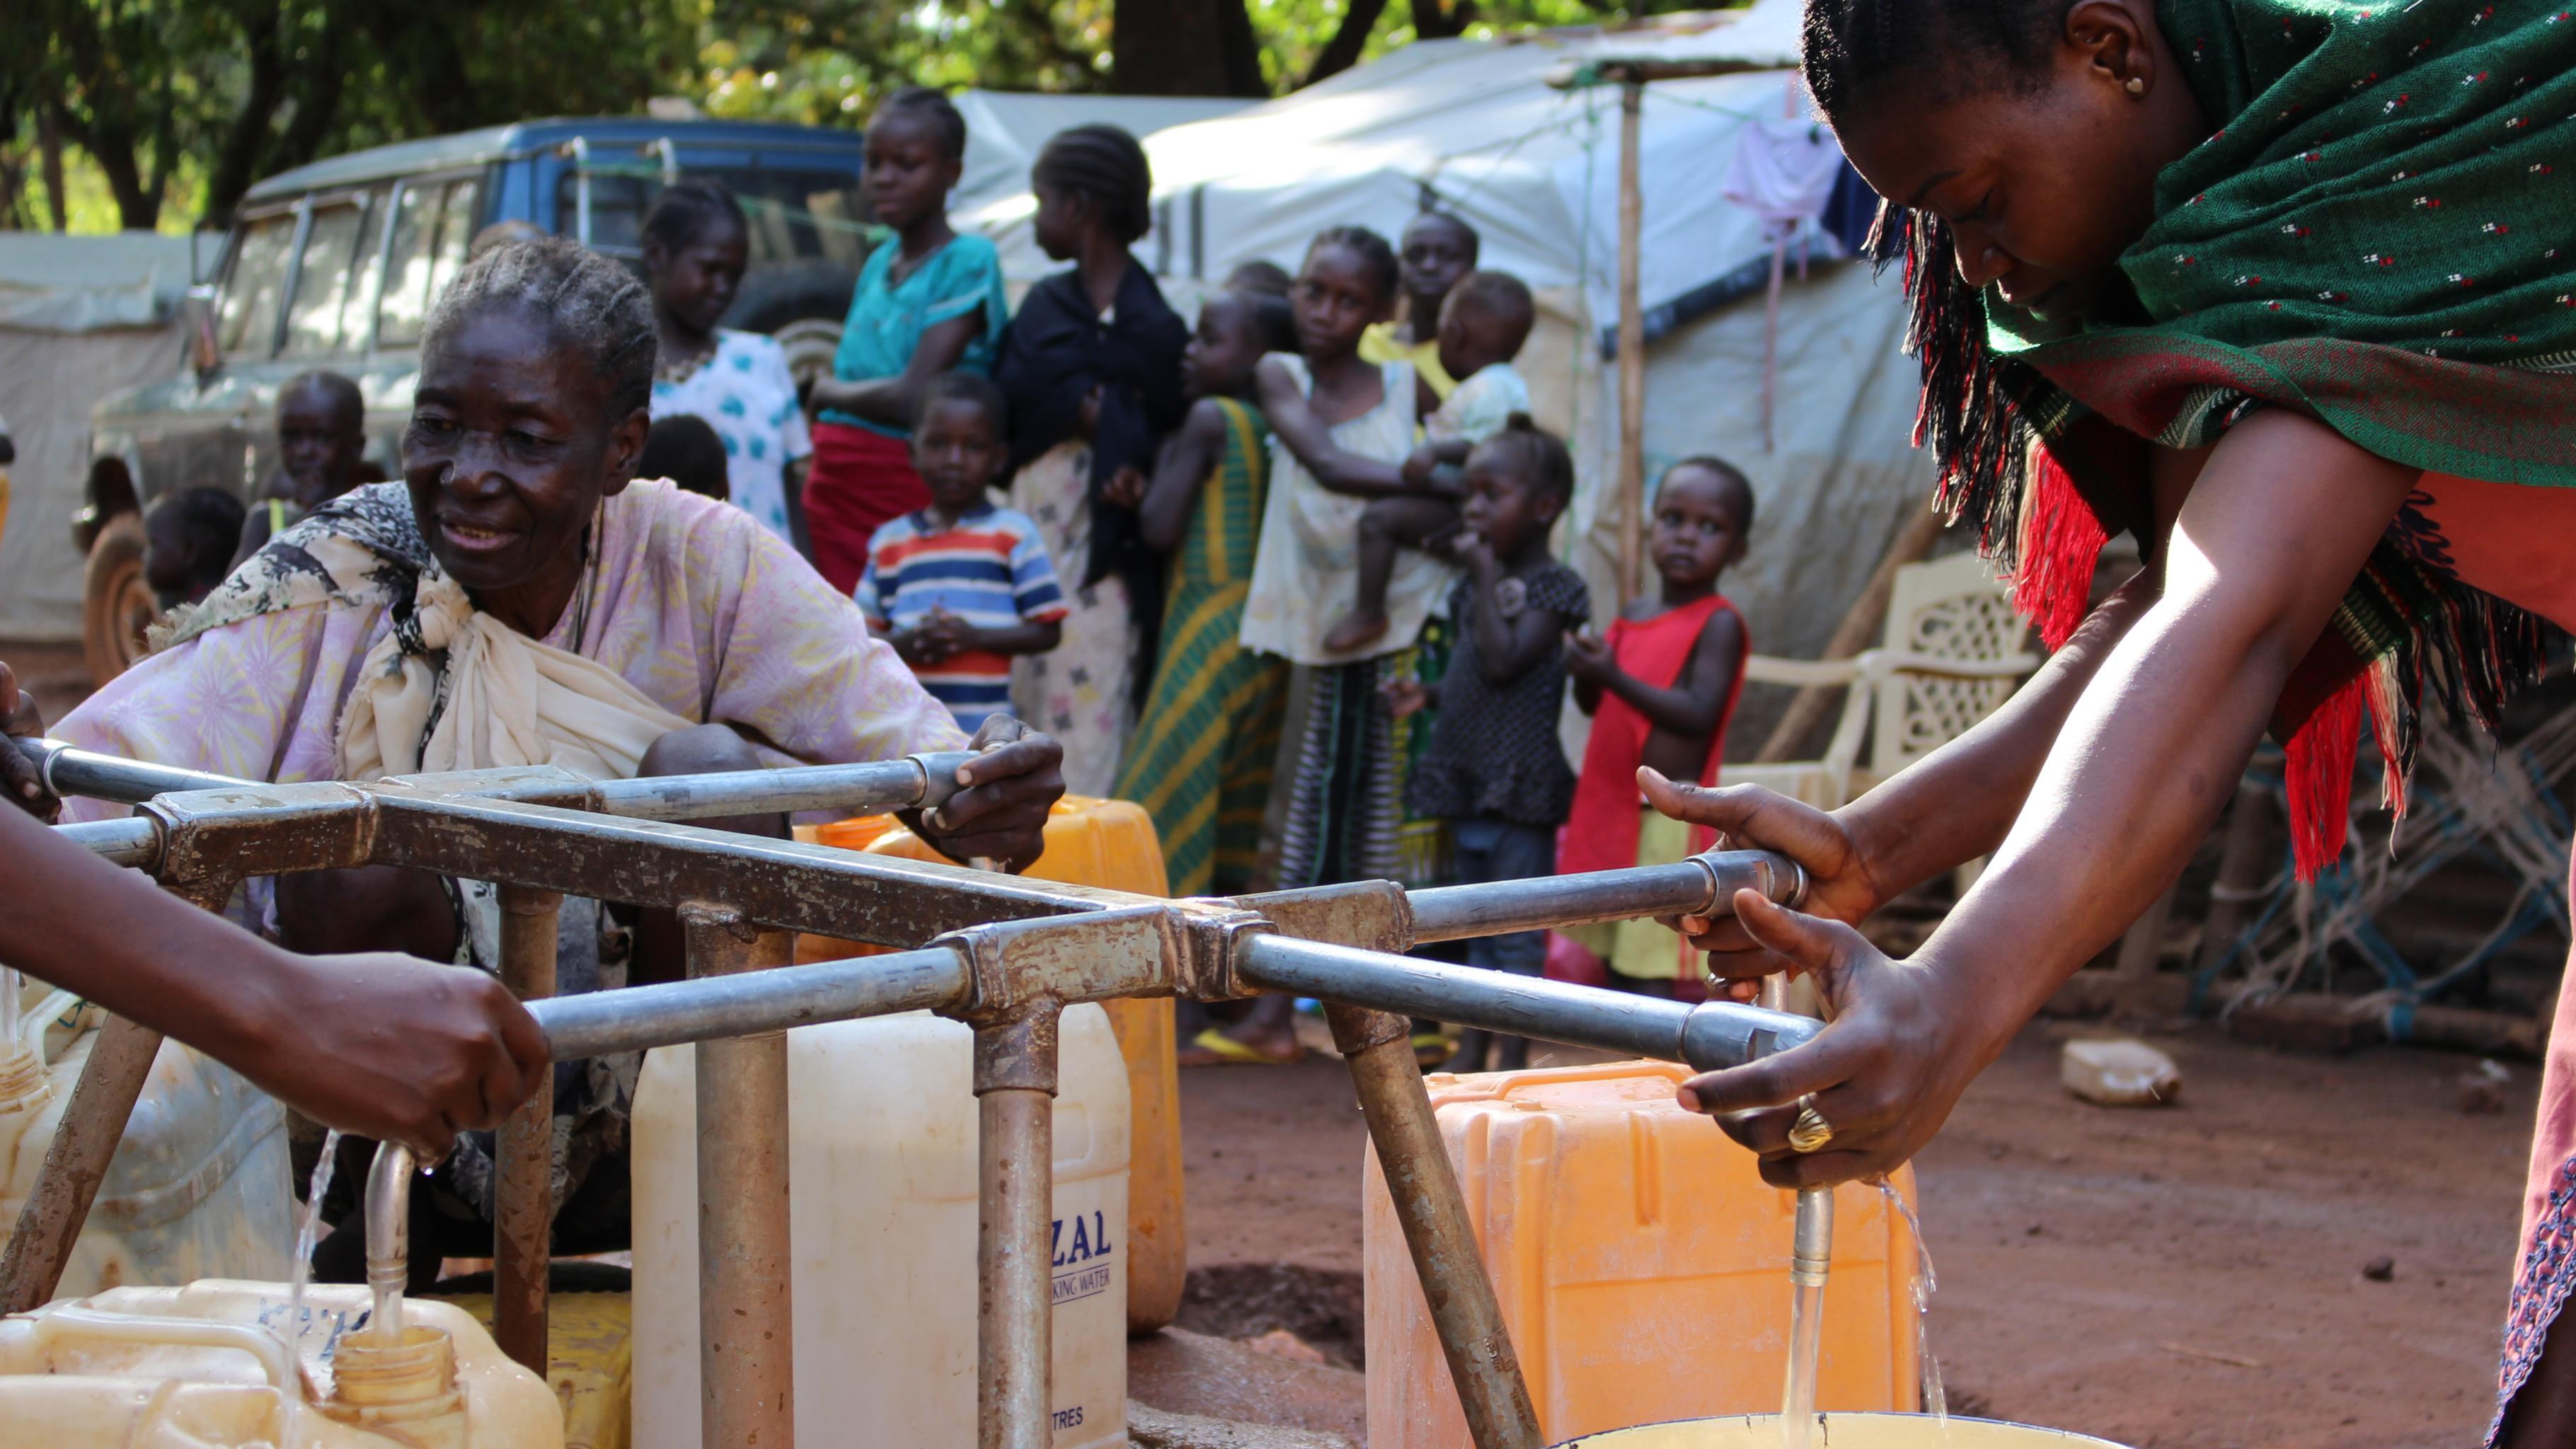 Bewohner des Lagers in Wau sammeln Wasser.